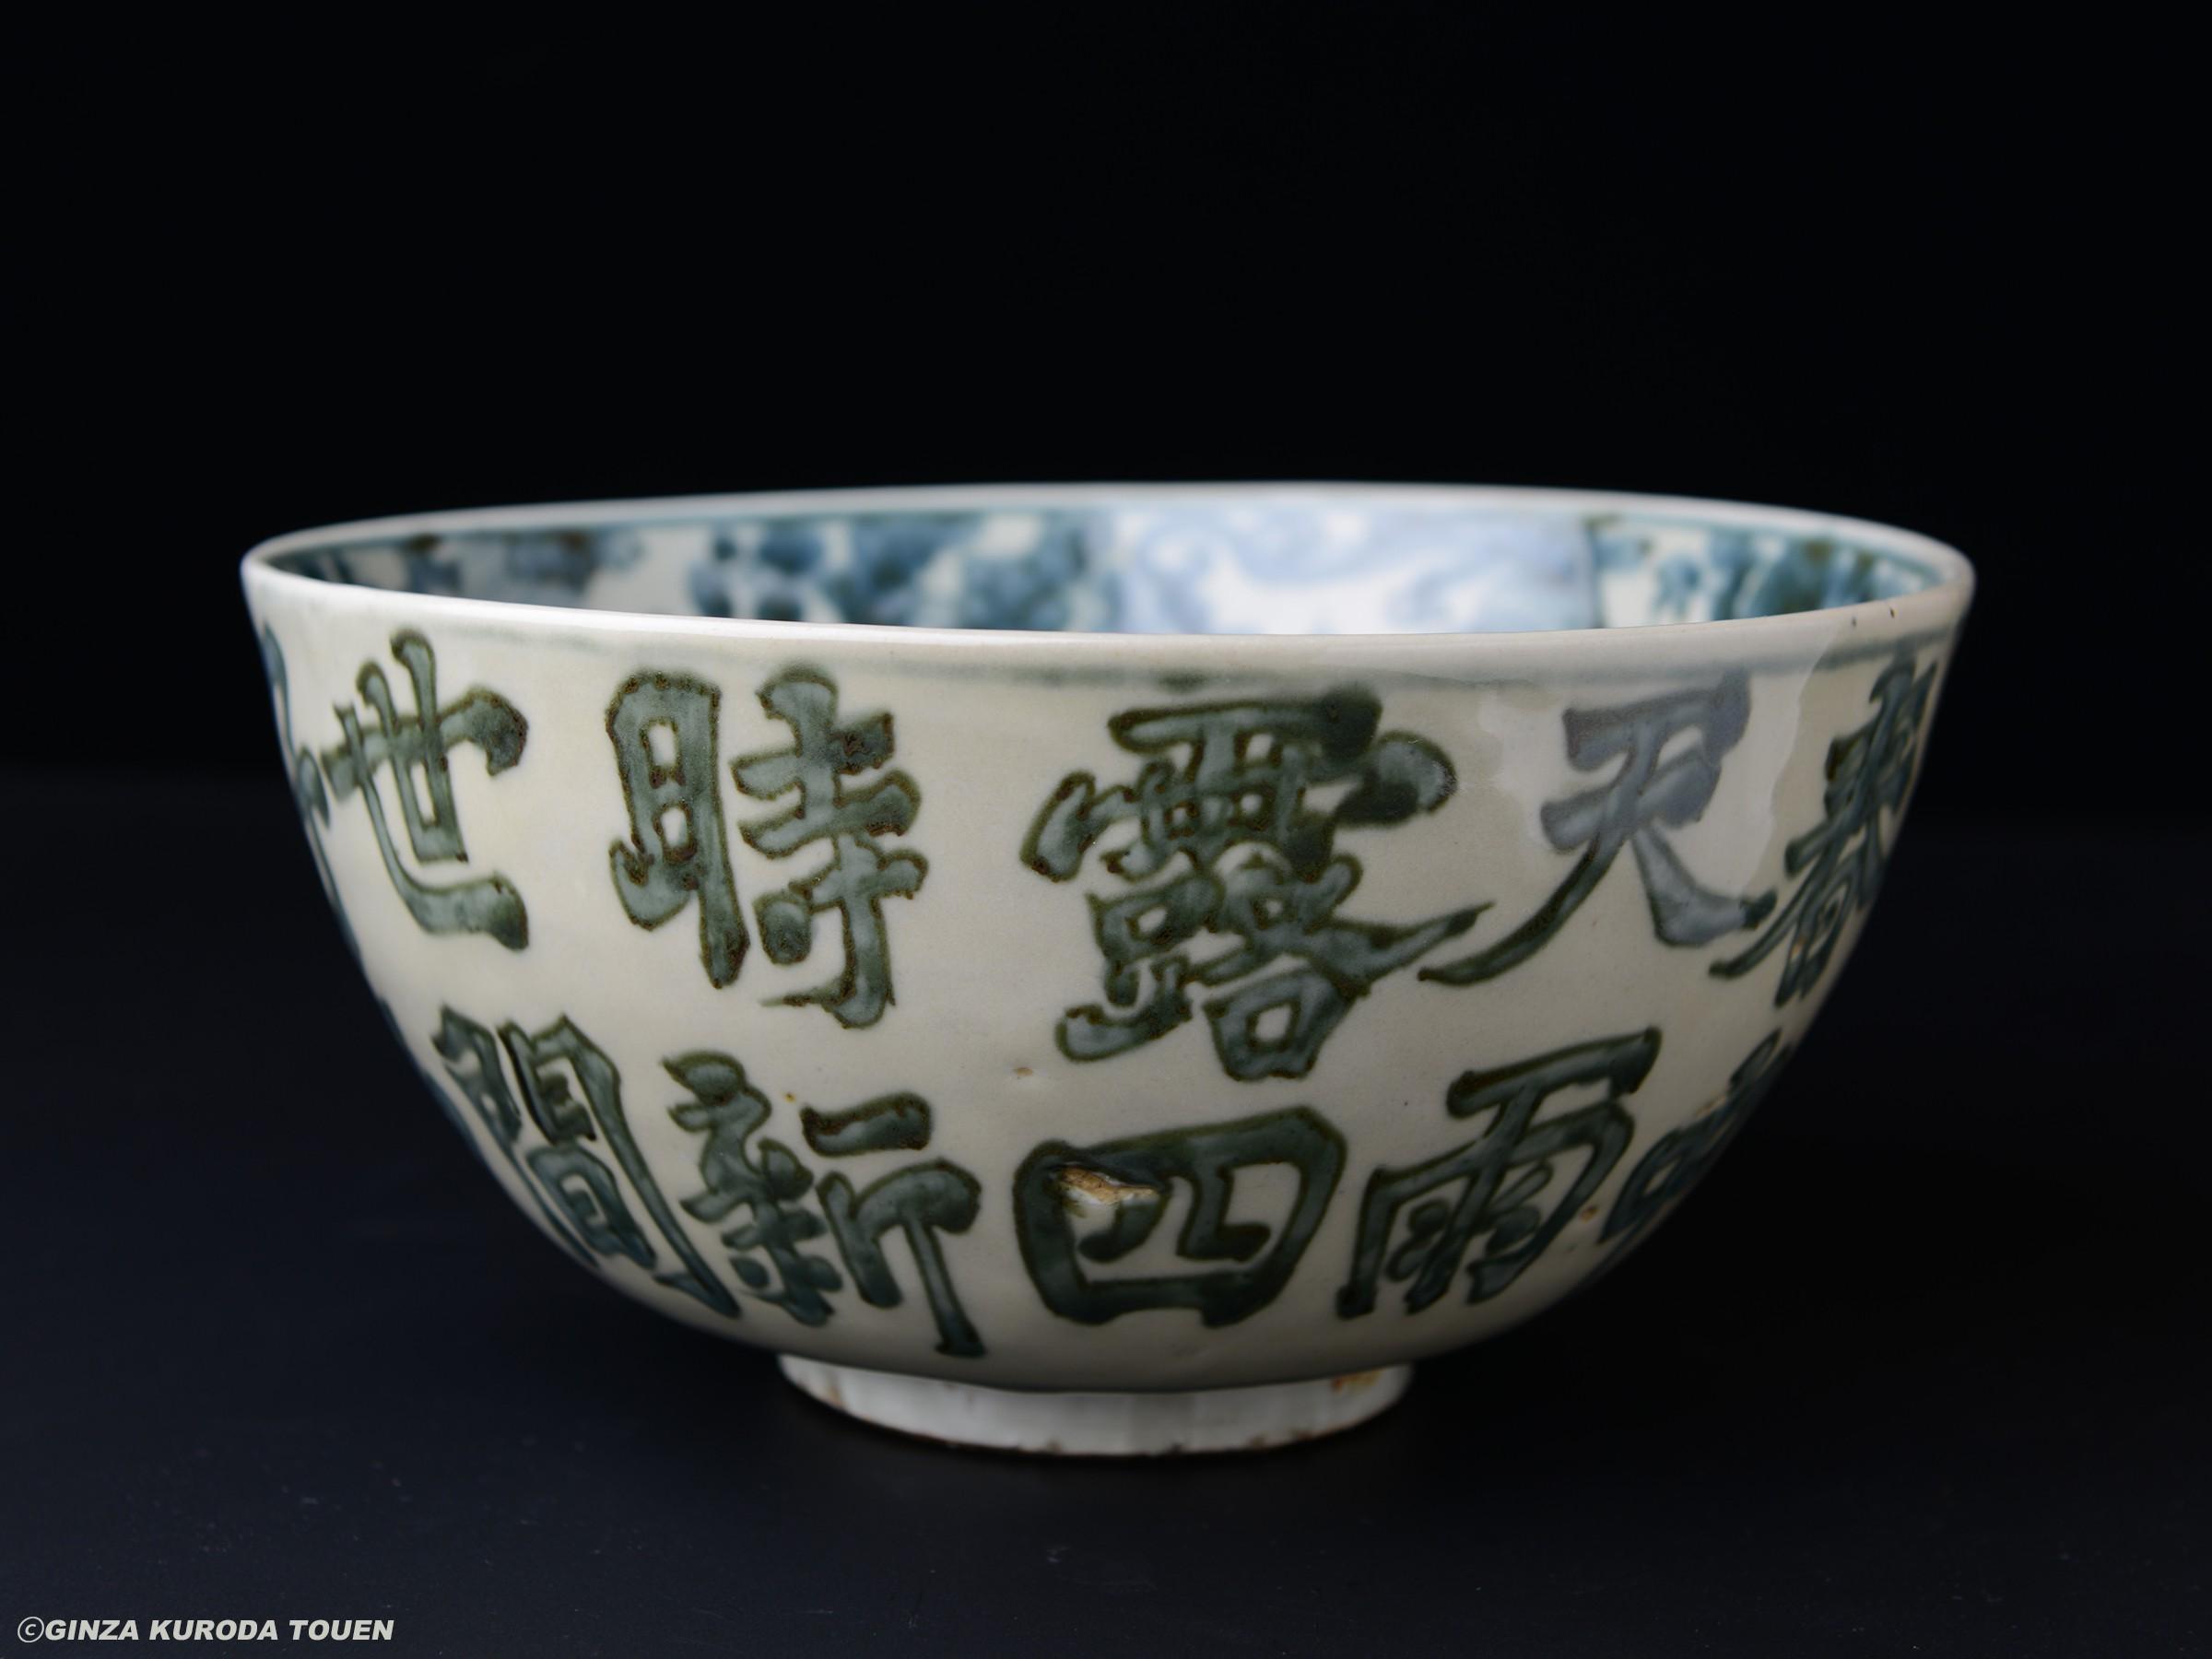 魯山人旧蔵 呉須漢詩文鉢